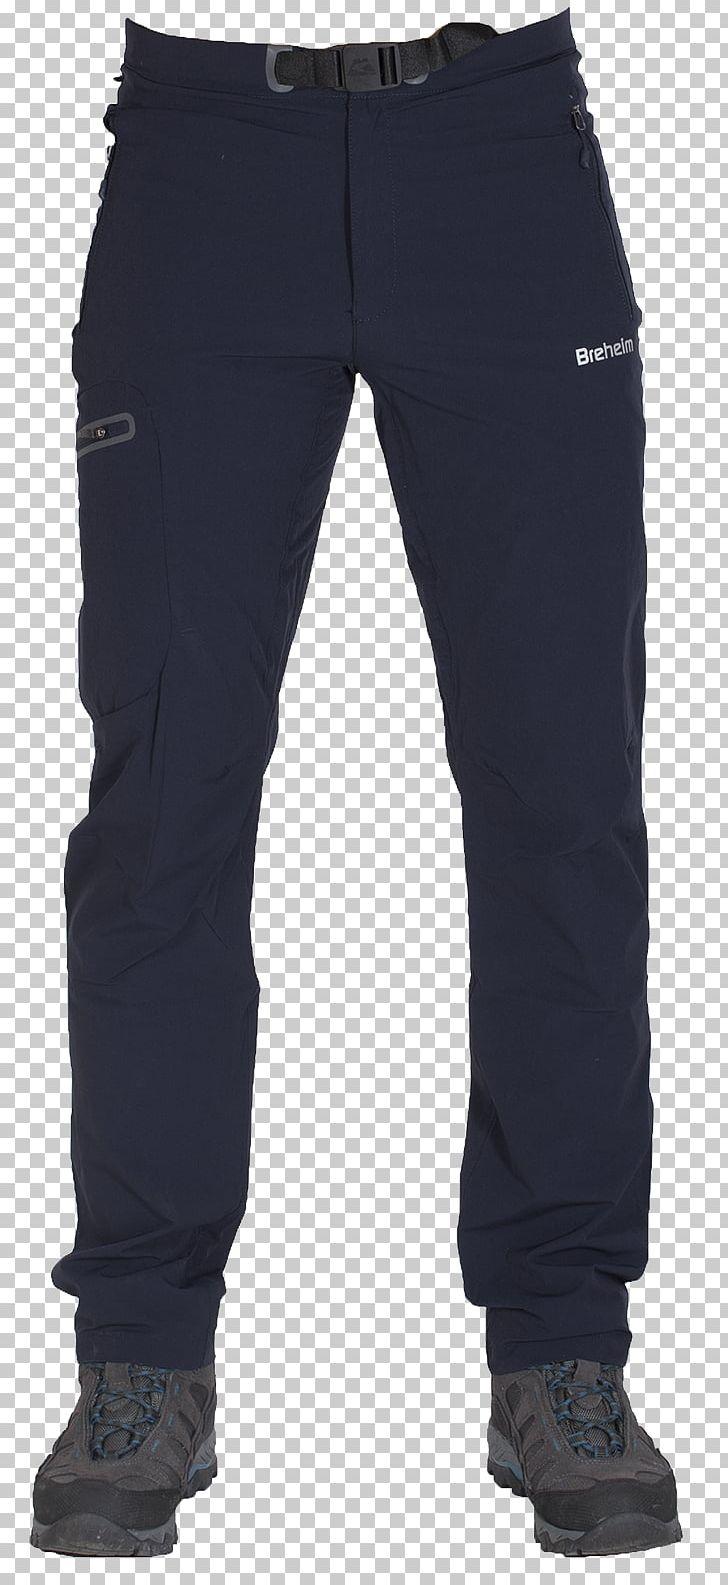 Pants Jeans Blue Denim Clothing Sizes PNG, Clipart, Black, Blue.